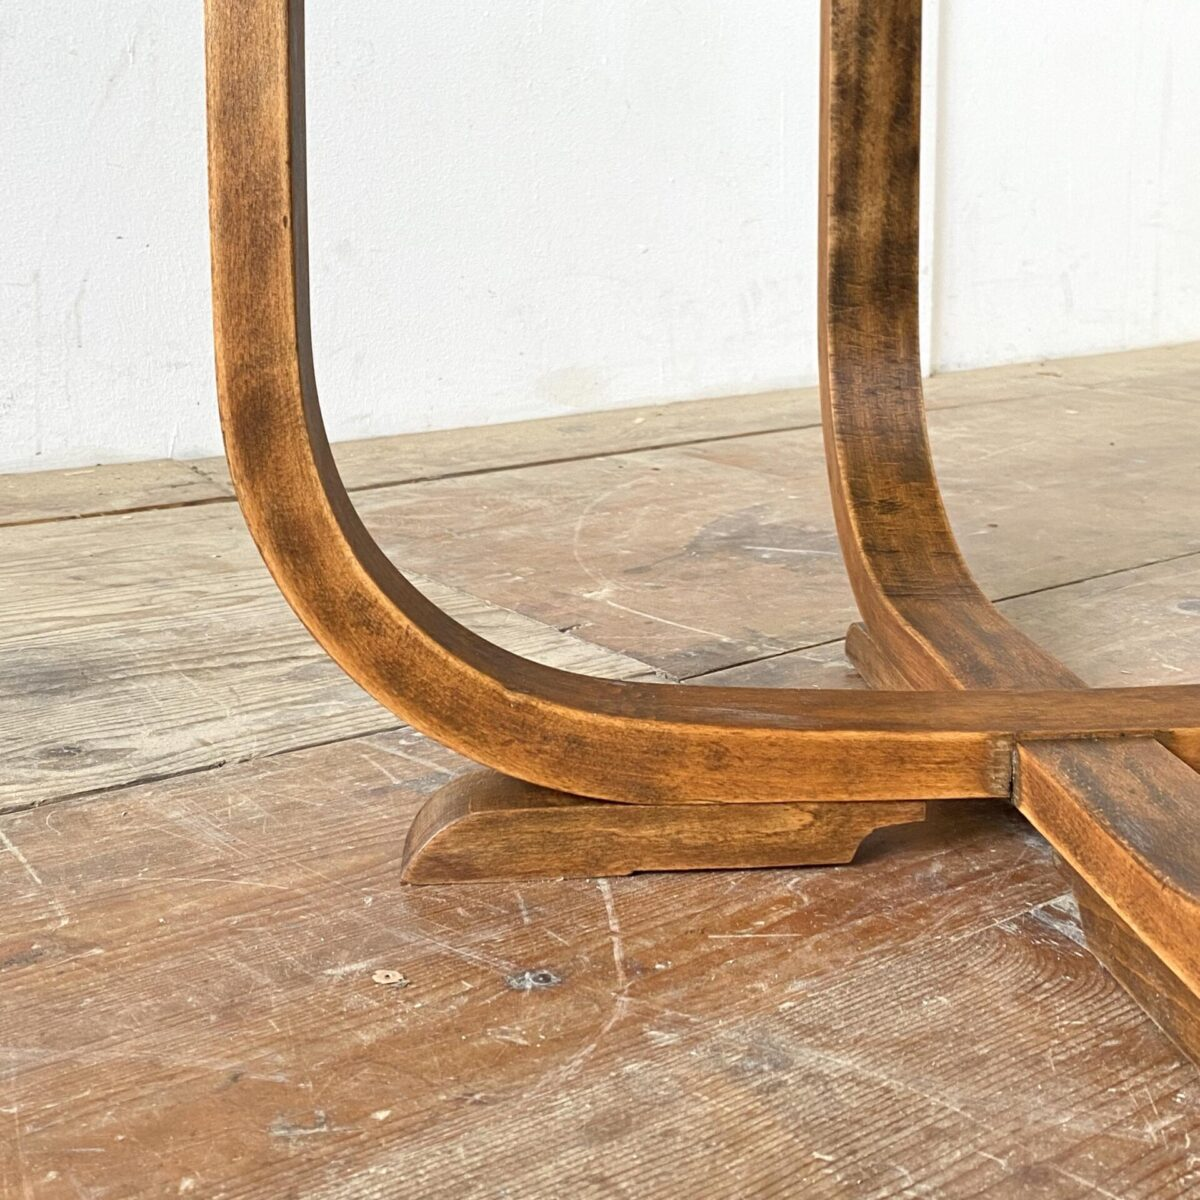 Deuxieme.shop Bauhaus Coffetable Art déco 40erjahre. Art déco Salontisch aus Dampfgebogenem Buchenholz, Tischblatt aus Nussbaum Wurzelholz furniert. Durchmesser 60cm Höhe 60cm.